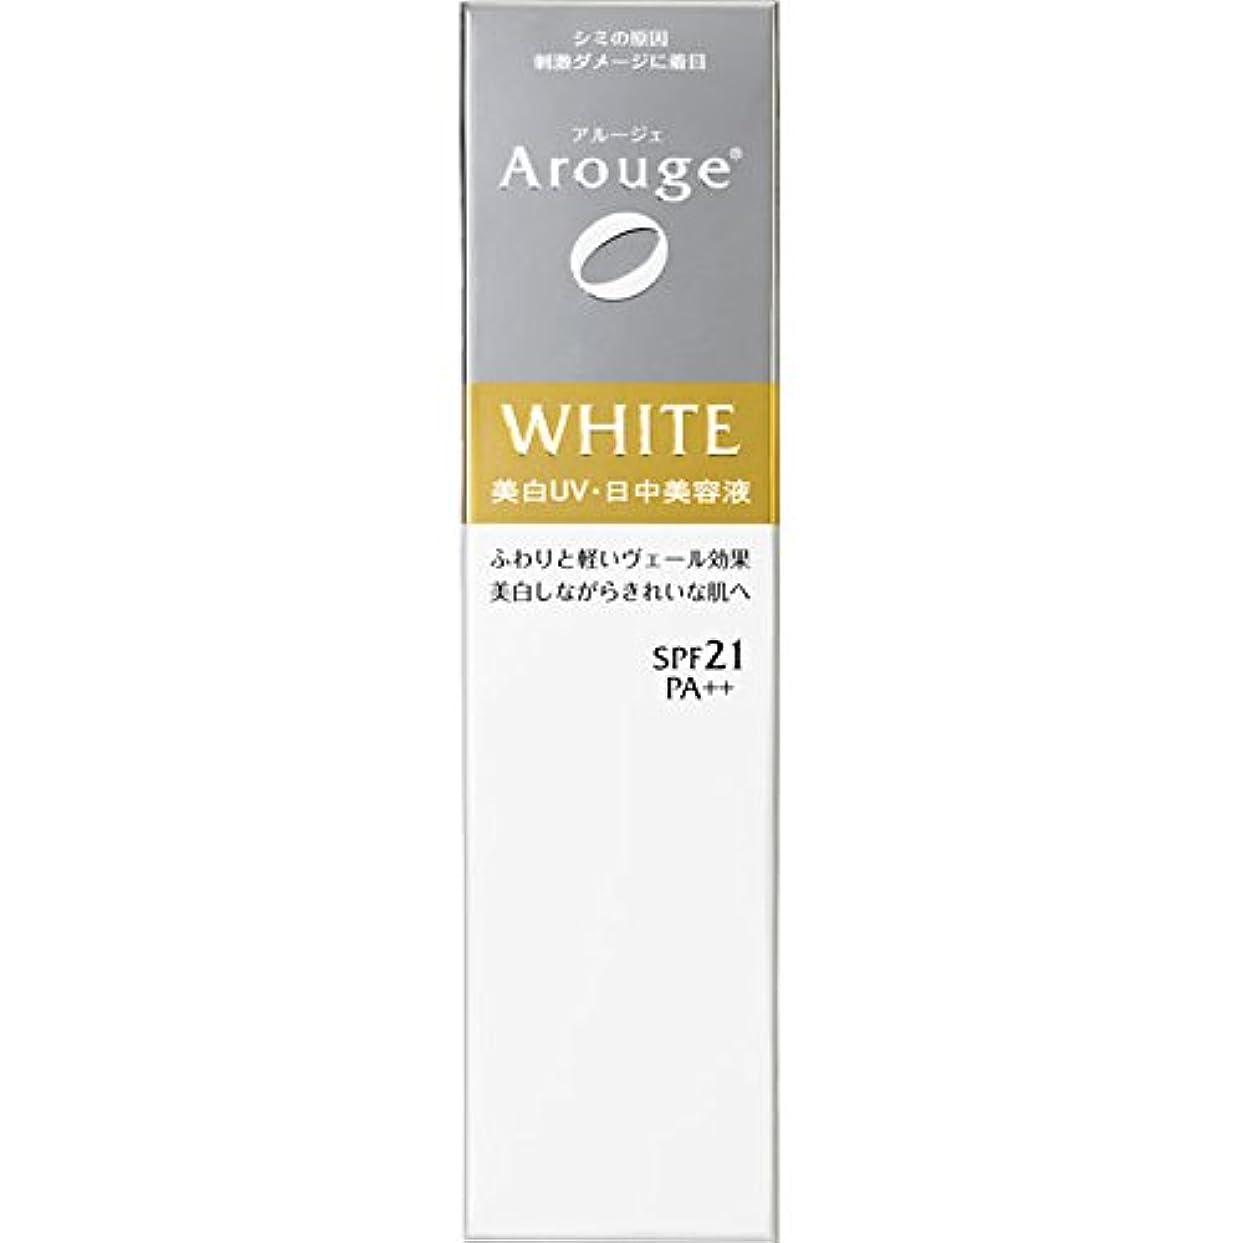 霜許容間隔アルージェ ホワイトニング UVデイエッセンス 30g (美白UV日中美容液)